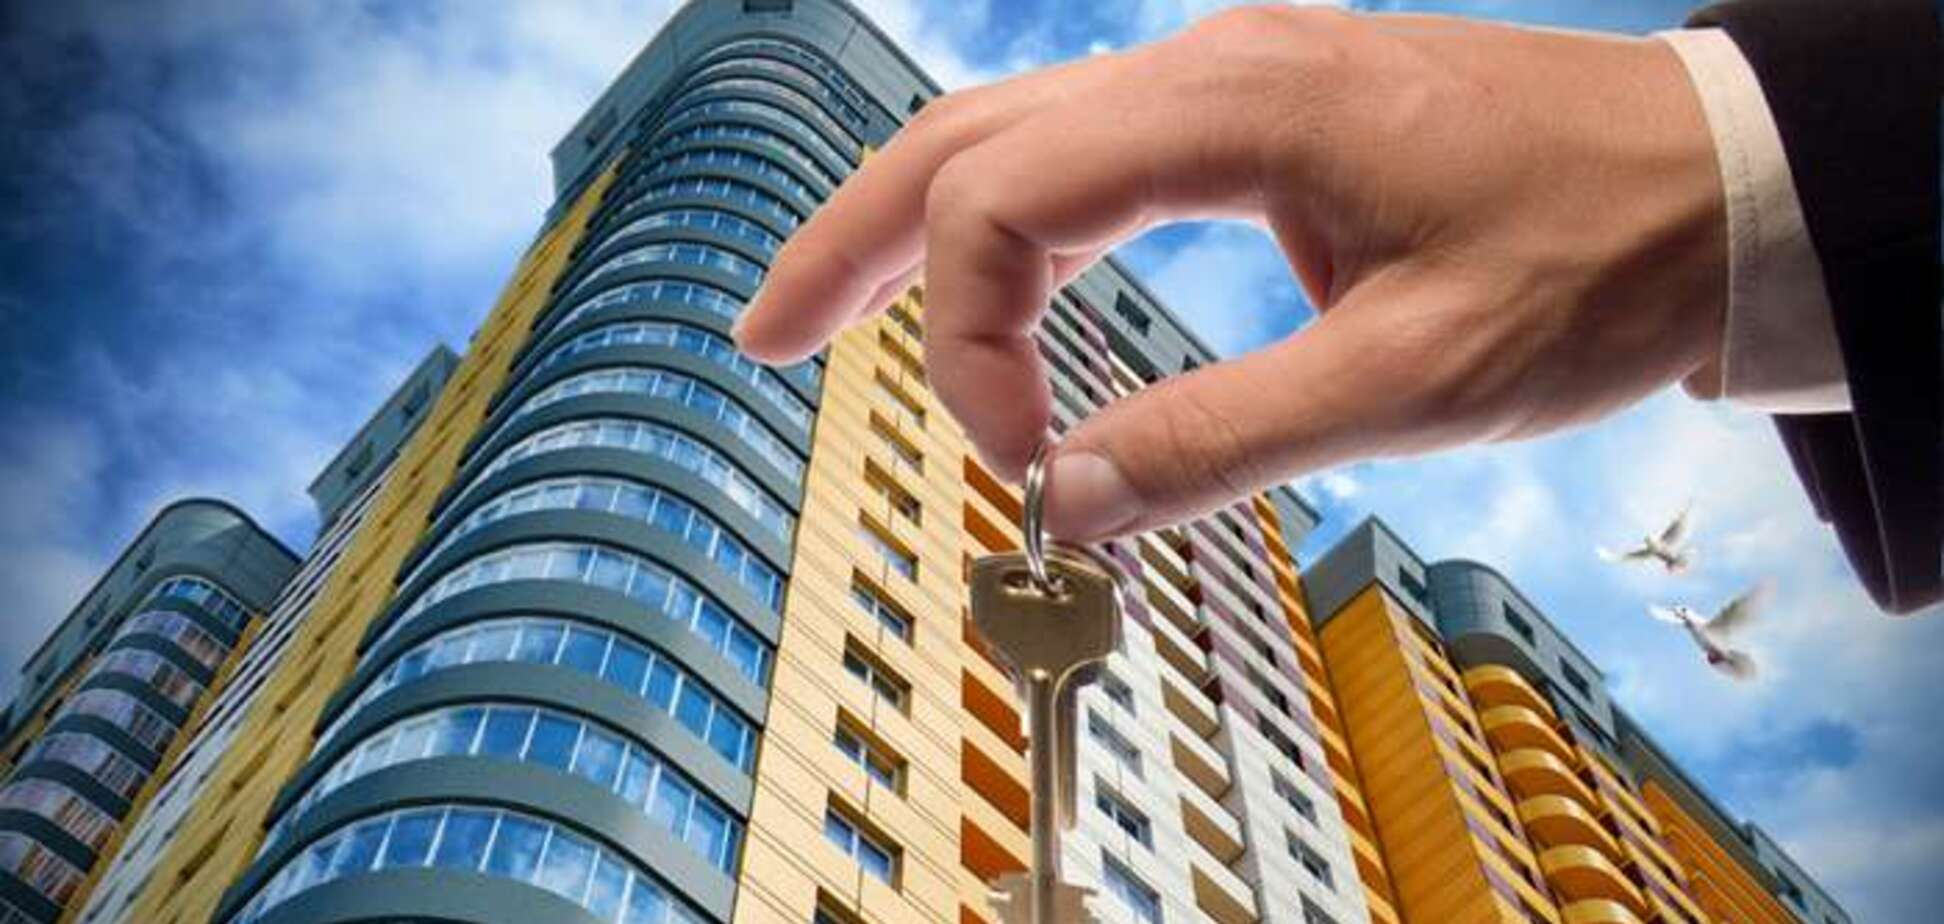 Грошей немає: ринку нерухомості в Україні напророкували 'цікаві часи'